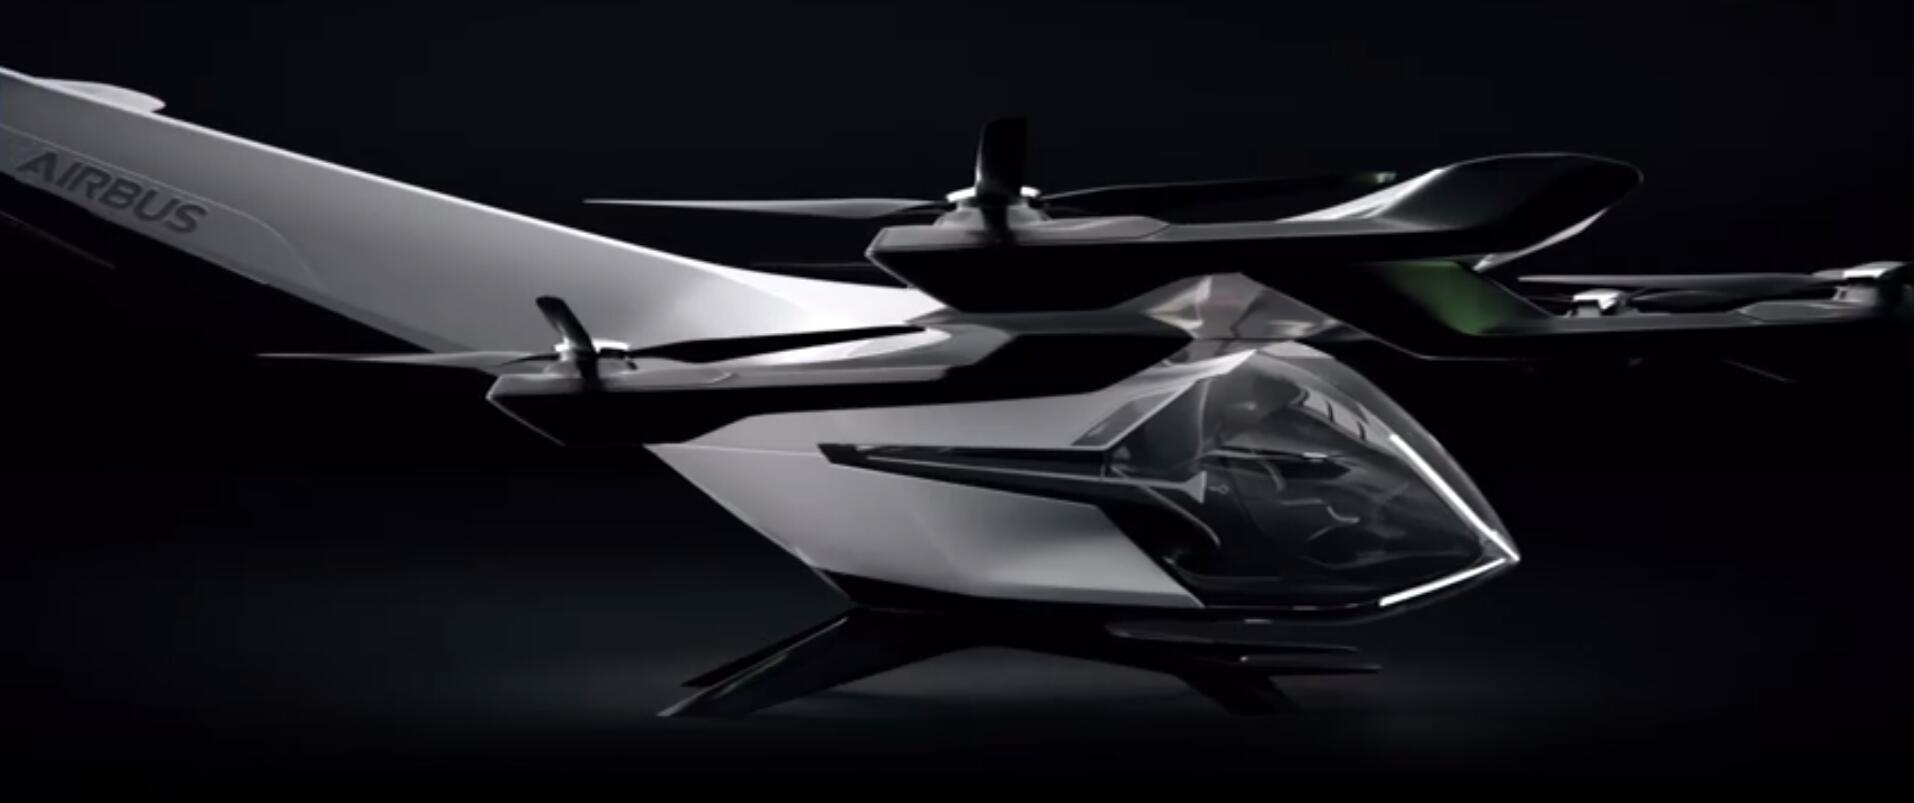 法国空客发布新一代固定翼电动汽车CityAirbus